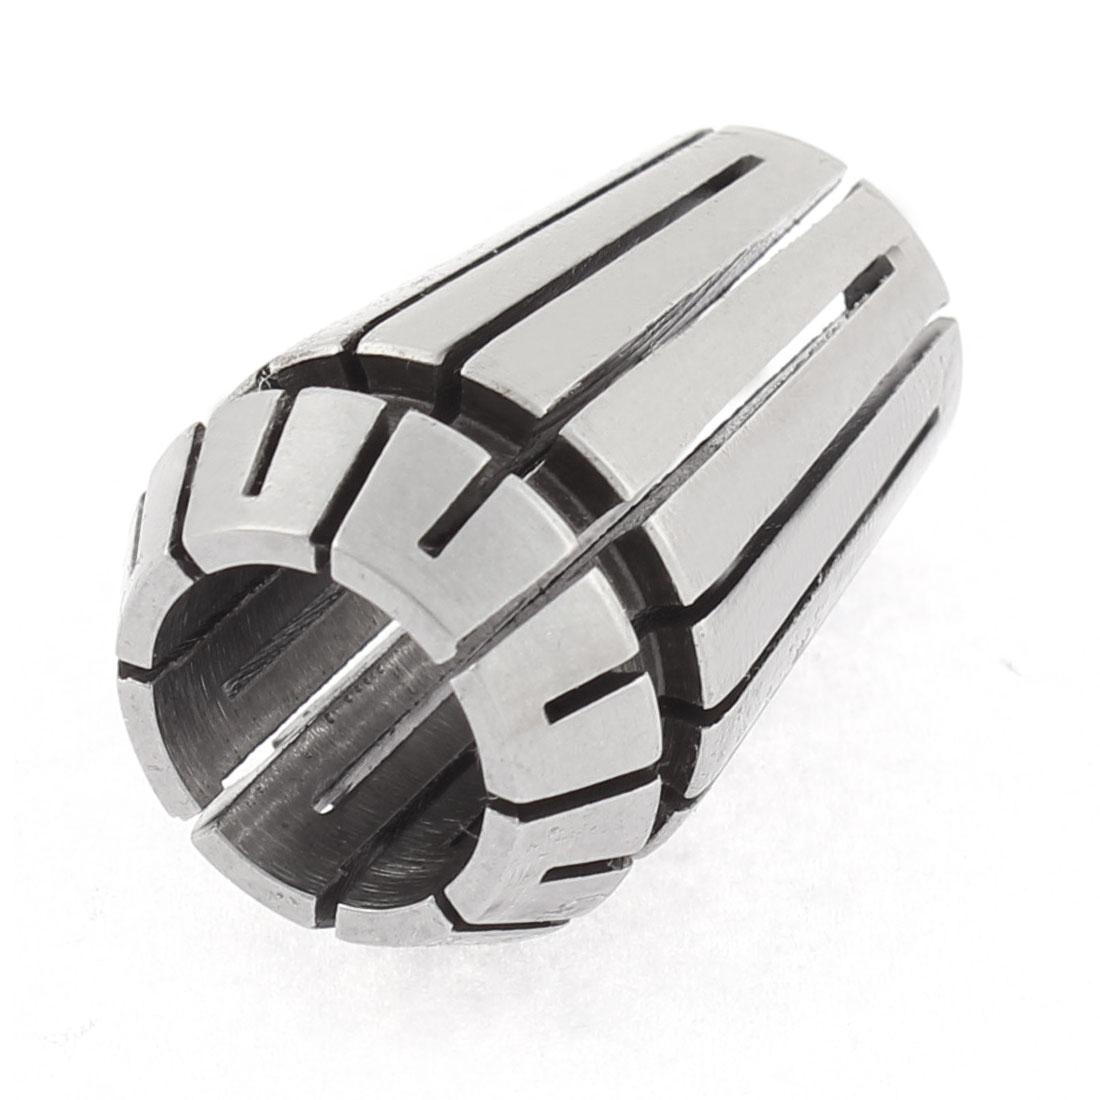 ER20 13mm Spring Collet Holder CNC Milling Lathe Tool 13-12mm Clamp Range